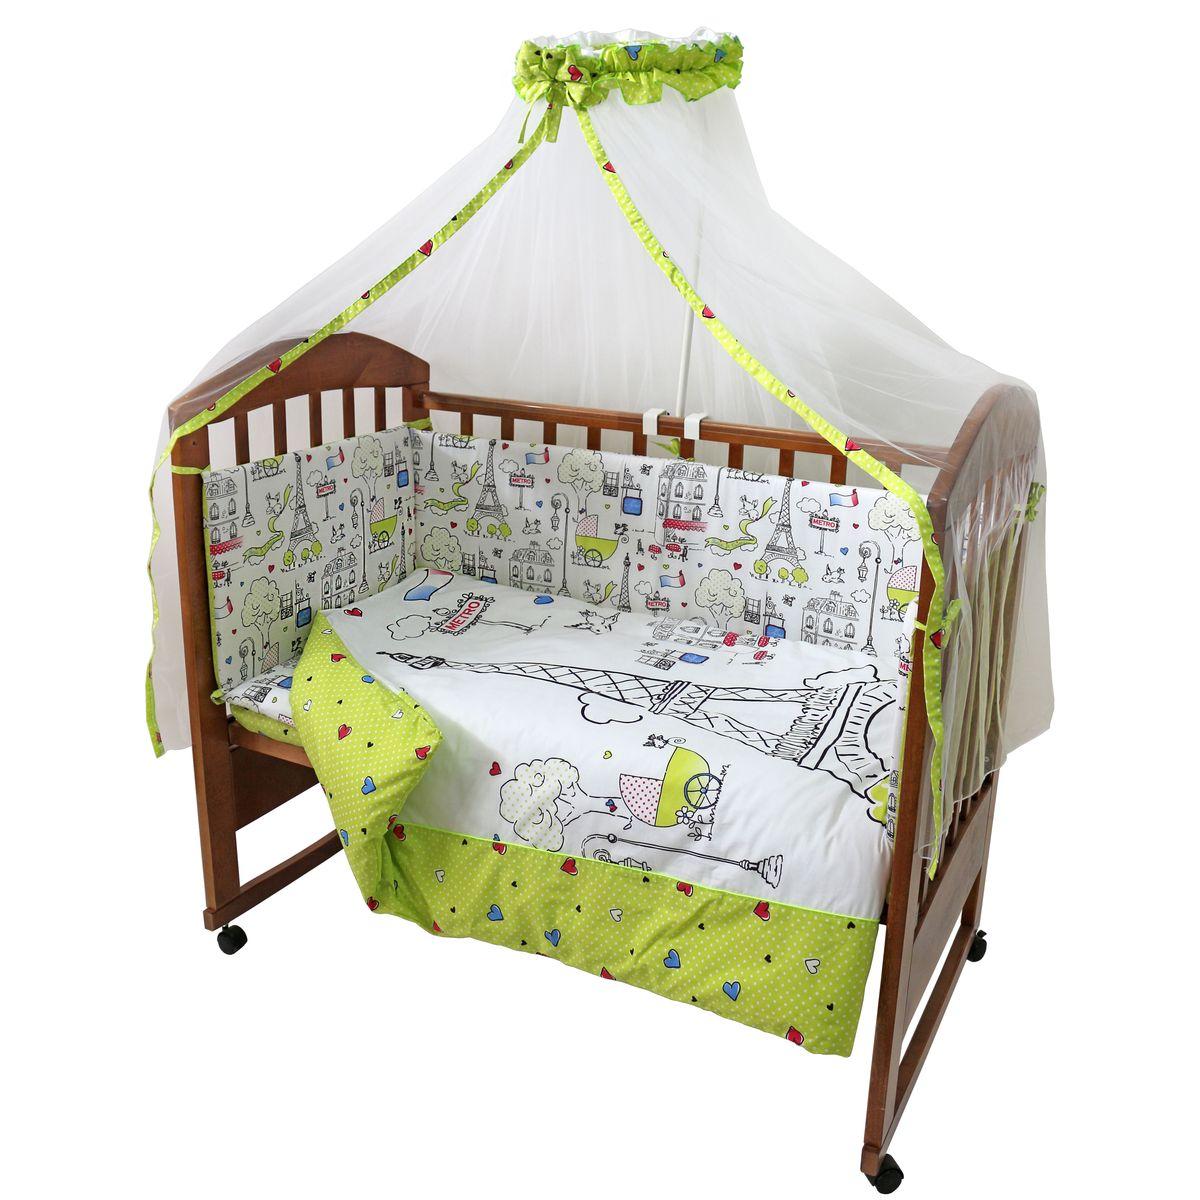 Топотушки Комплект детского постельного белья Париж цвет зеленый белый 7 предметов531-105Комплект постельного белья из 7 предметов включает все необходимые элементы для детской кроватки. Комплект создает для Вашего ребенка уют, комфорт и безопасную среду с рождения; современный дизайн и цветовые сочетания помогают ребенку адаптироваться в новом для него мире. Комплекты «Топотушки» хорошо вписываются в интерьер как детской комнаты, так и спальни родителей. Как и все изделия «Топотушки» данный комплект отражает самые последние технологии, является безопасным для малыша и экологичным. Российское происхождение комплекта гарантирует стабильно высокое качество, соответствие актуальным пожеланиям потребителей, конкурентоспособную цену.Балдахин 3м (сетка); охранный бампер 360х40см. (из 4-х частей, наполнитель – холлофайбер); подушка 40х60см. (наполнитель – холлофайбер); одеяло 140х110см. (наполнитель – холлофайбер); наволочка 40х60см; пододеяльник 147х112см; простынь на резинке 120х60см